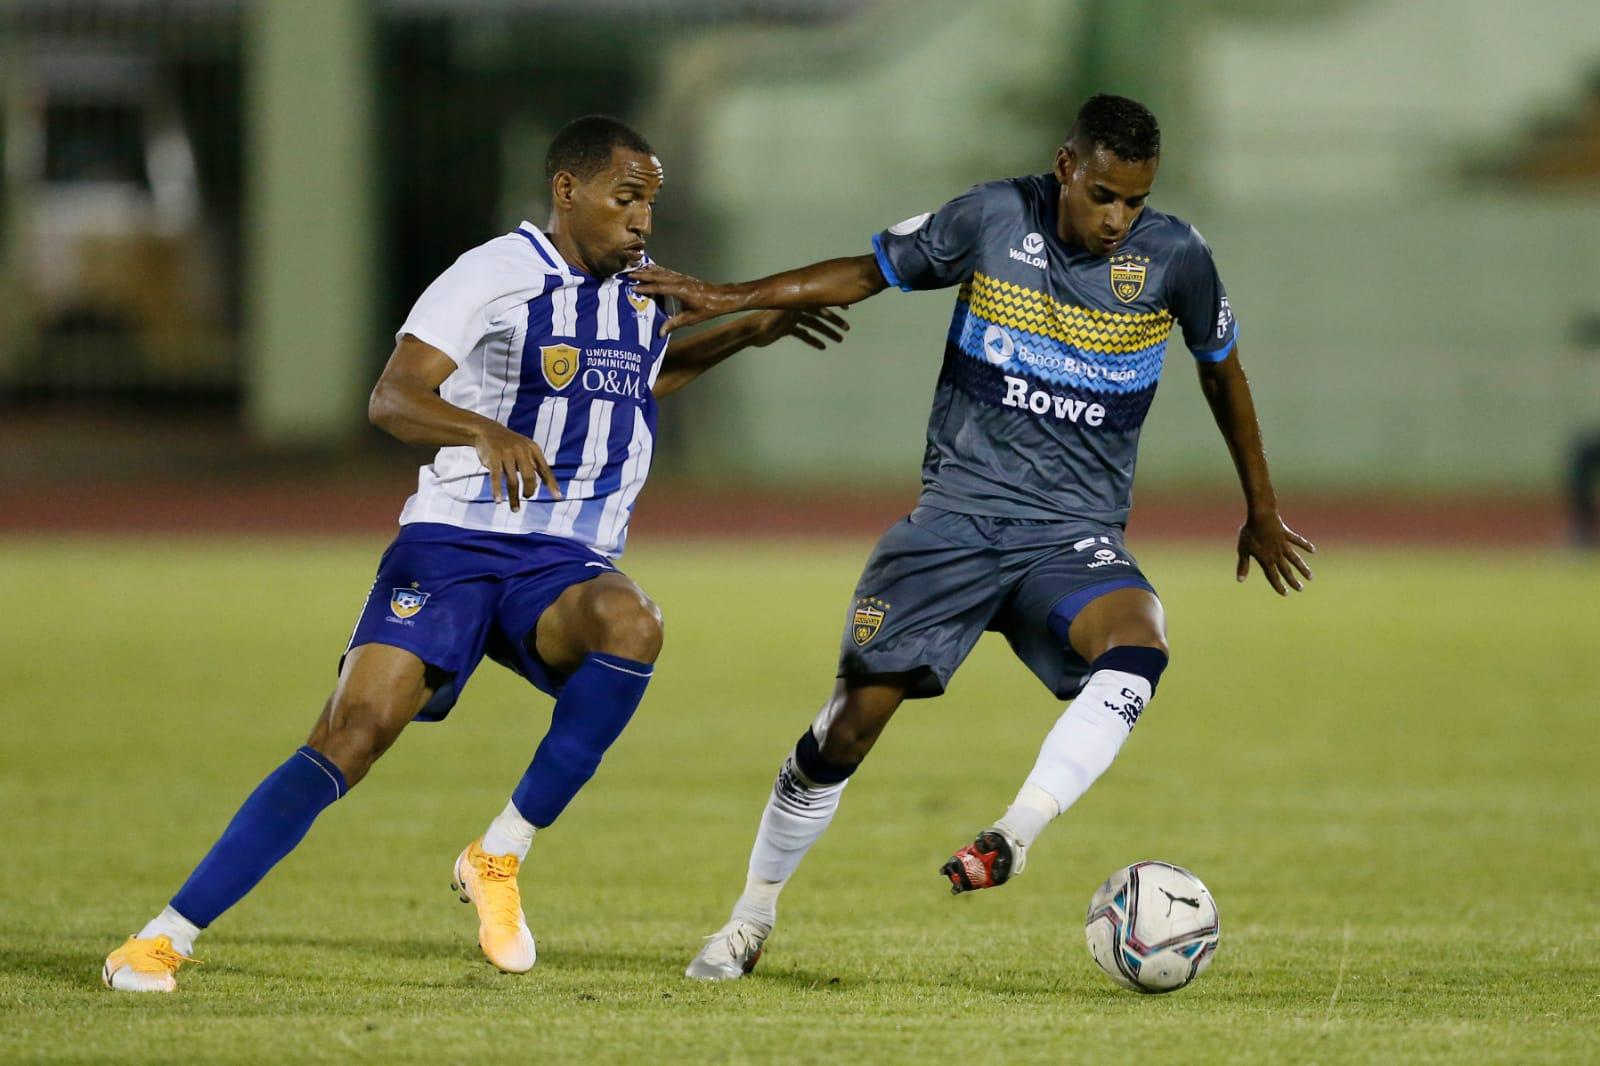 Universidad O&M derrota al Atlético Pantoja dos goles por uno